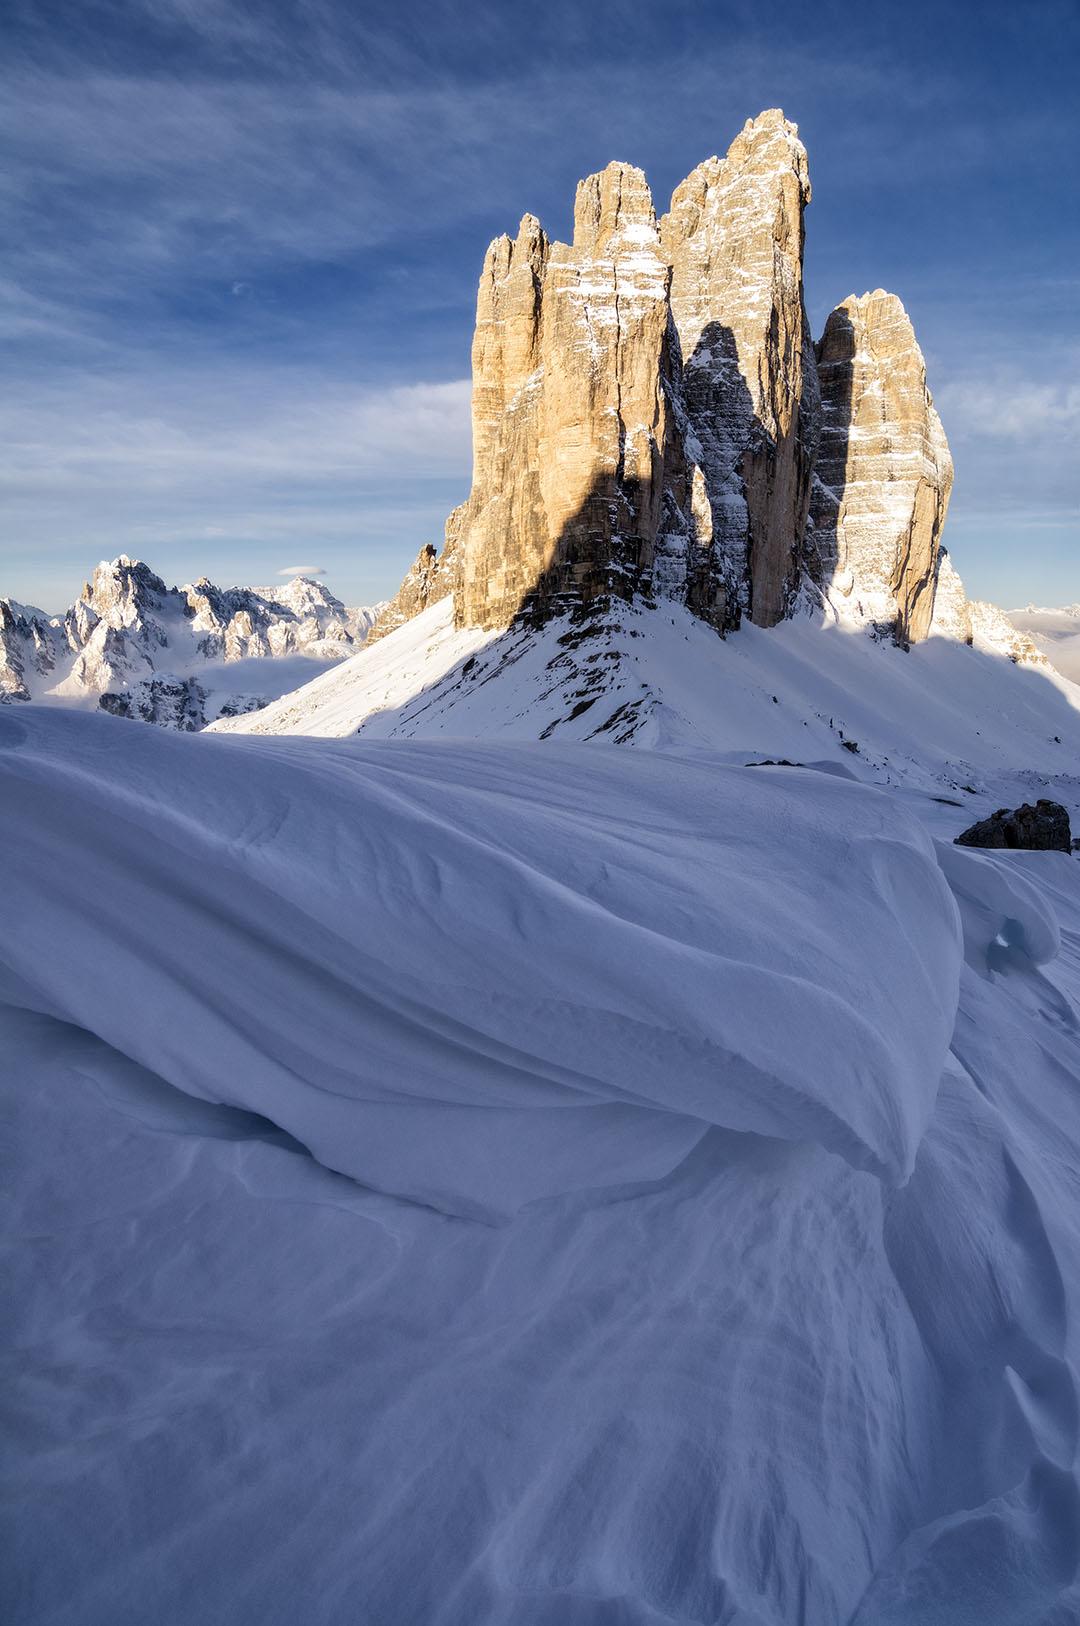 Olas de nieve - Archivo - Iñaki Larrea, Fotografía de naturaleza y montaña